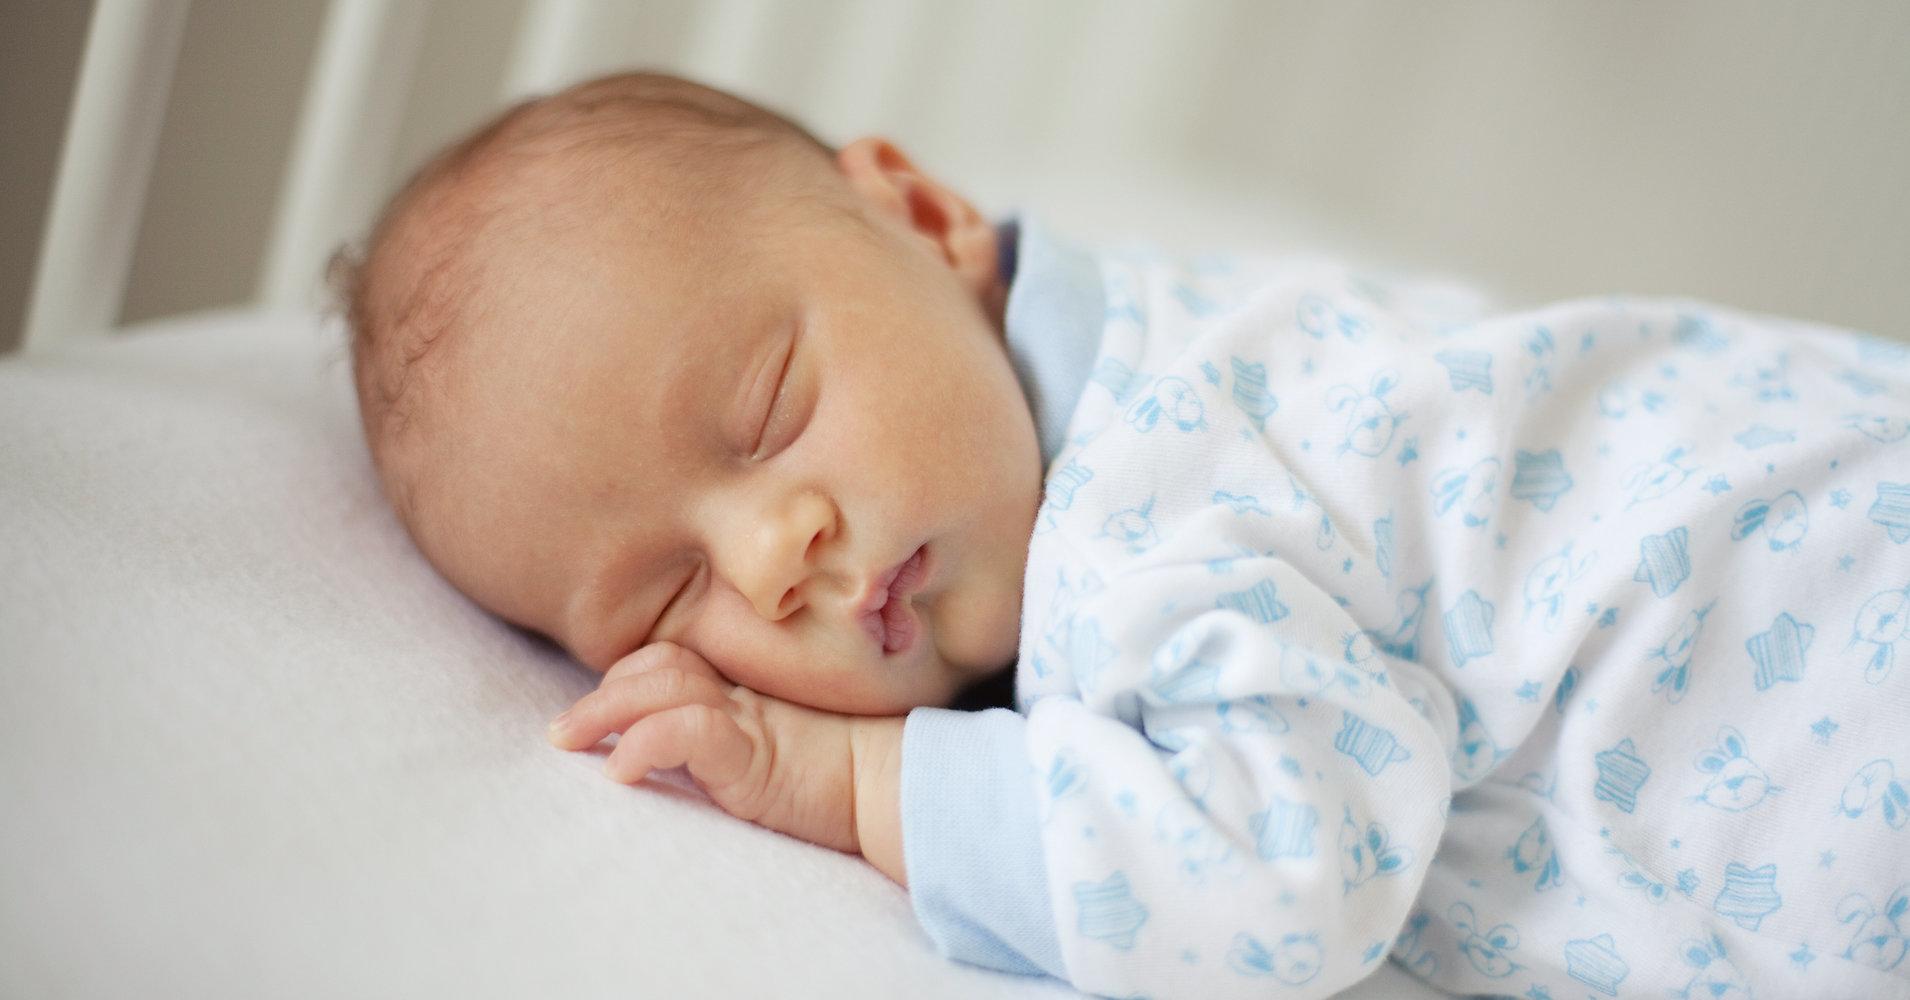 Наличие твердого матраса в кроватке обезопасит малыша